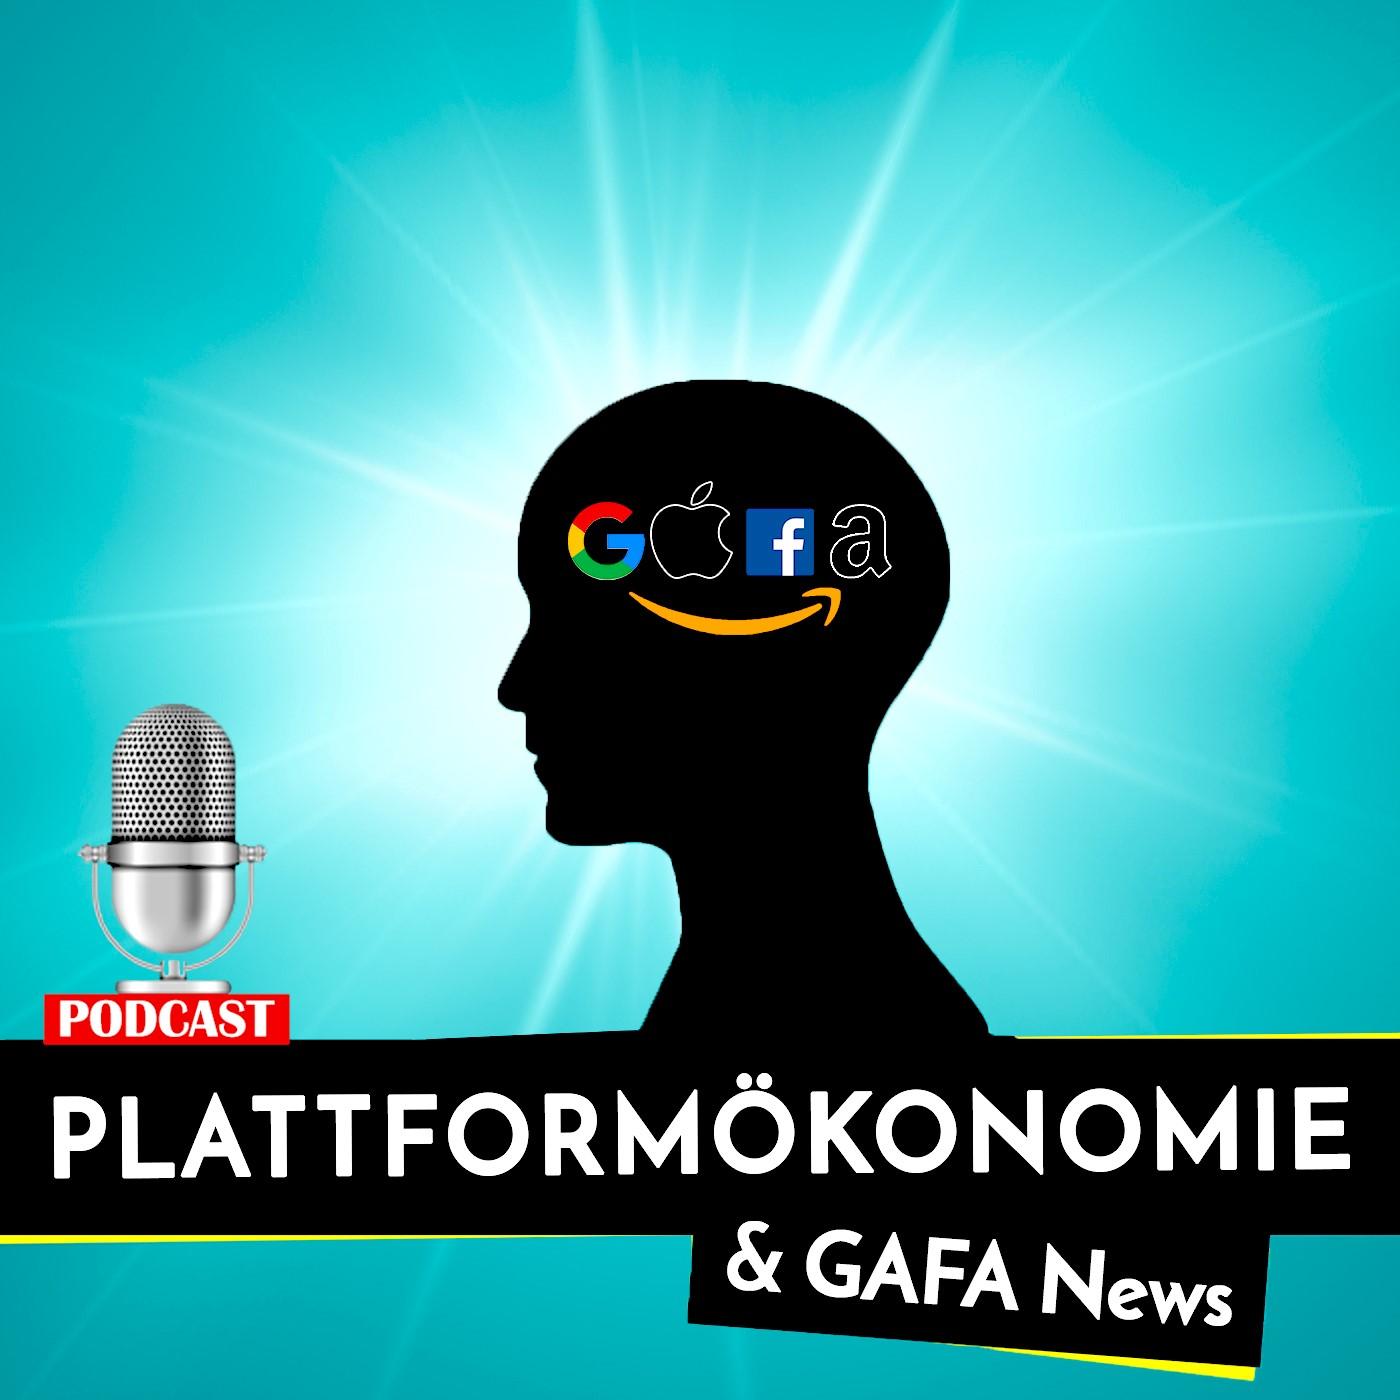 Startup News / Wirtschaftsnachrichten: Amazon 2020, HelloFresh, Berlin Brands, Apple Car, Spryker